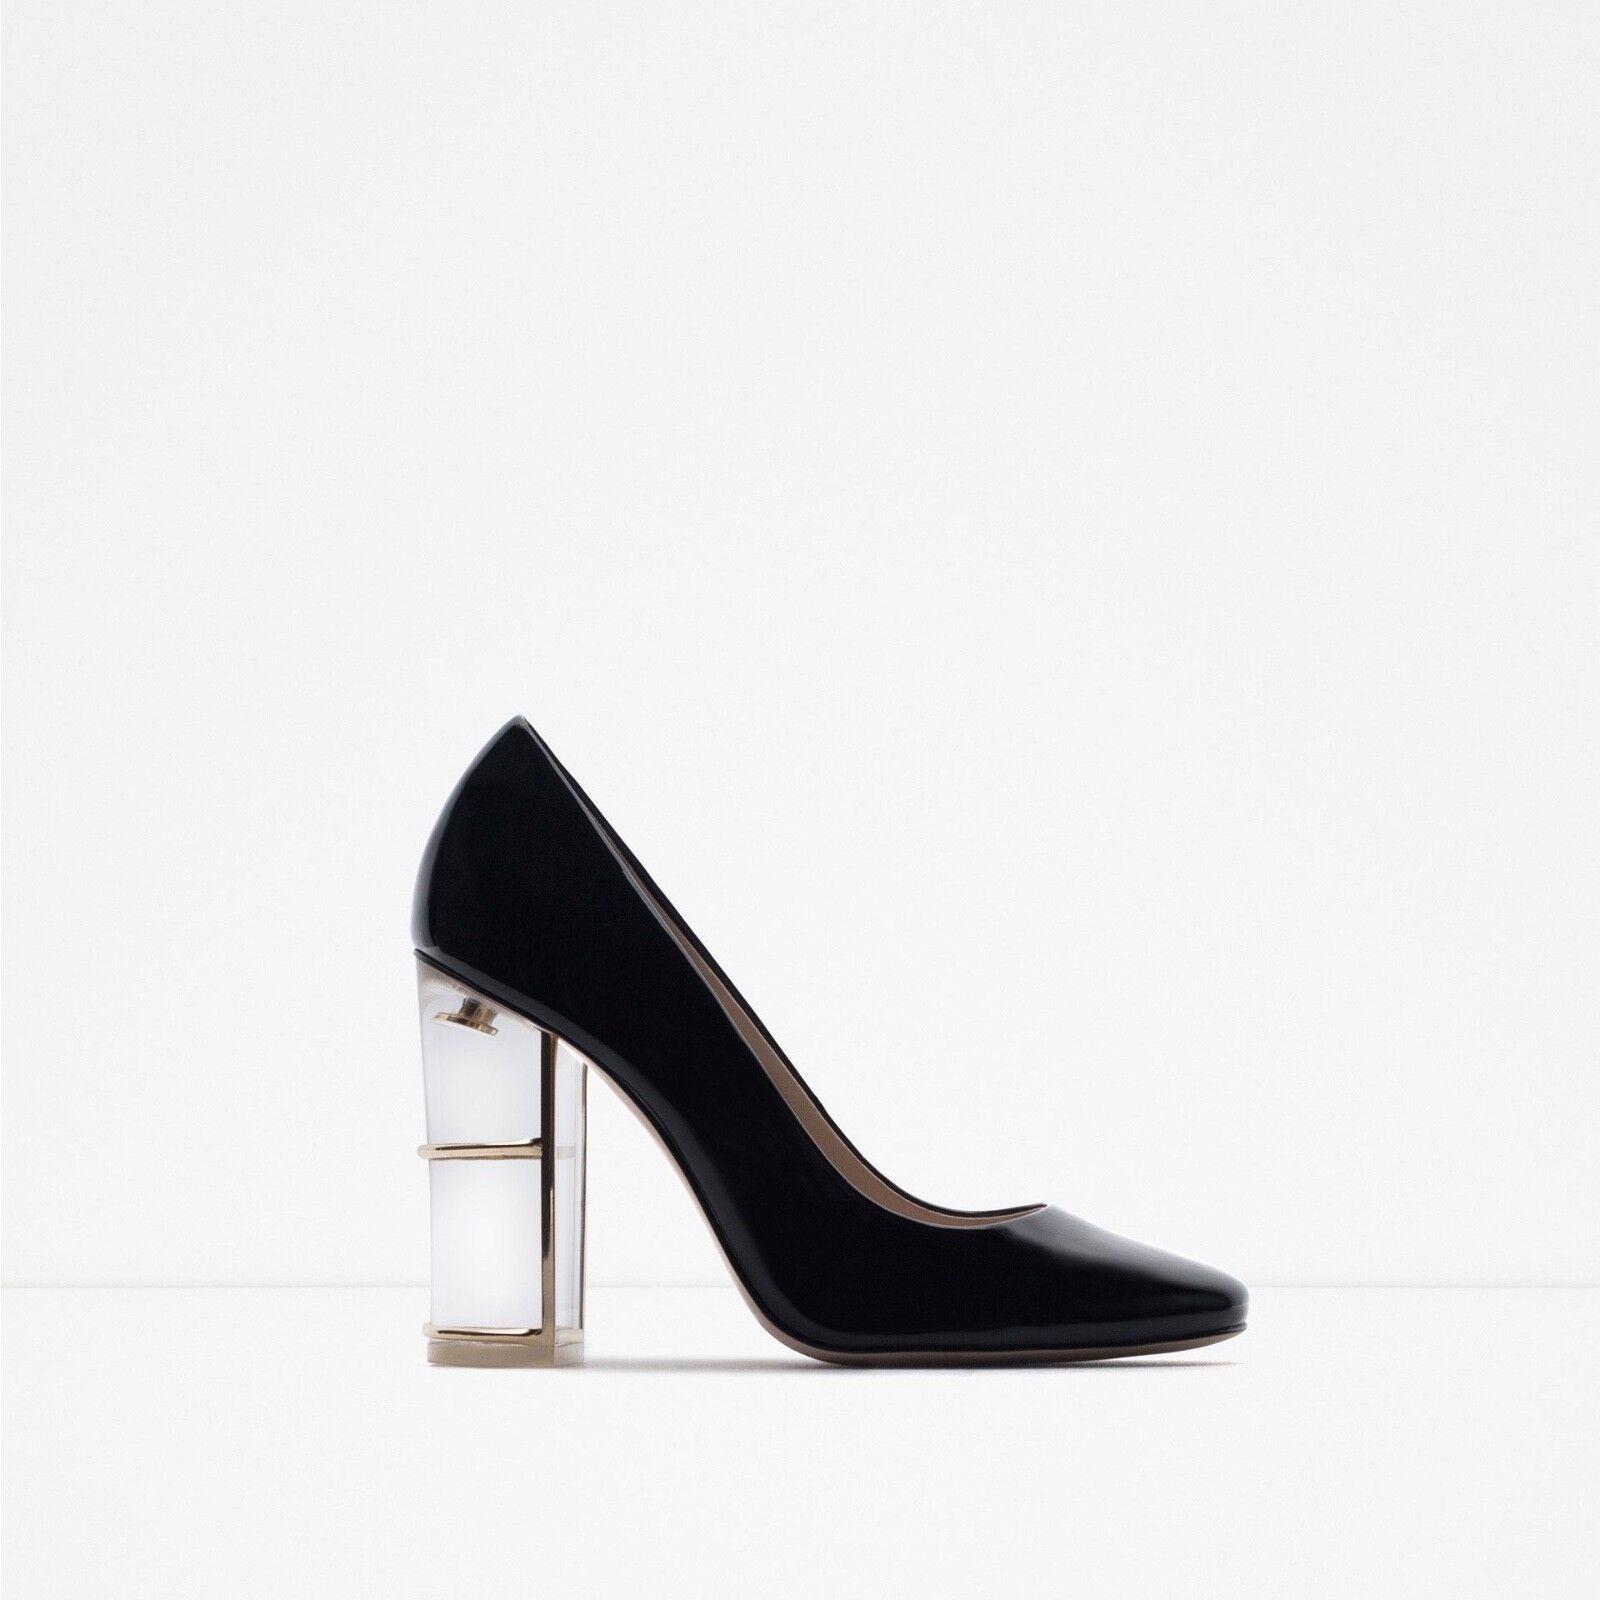 Zara schuhe detail with clear acrylic heel detail schuhe in euro 36 996e61